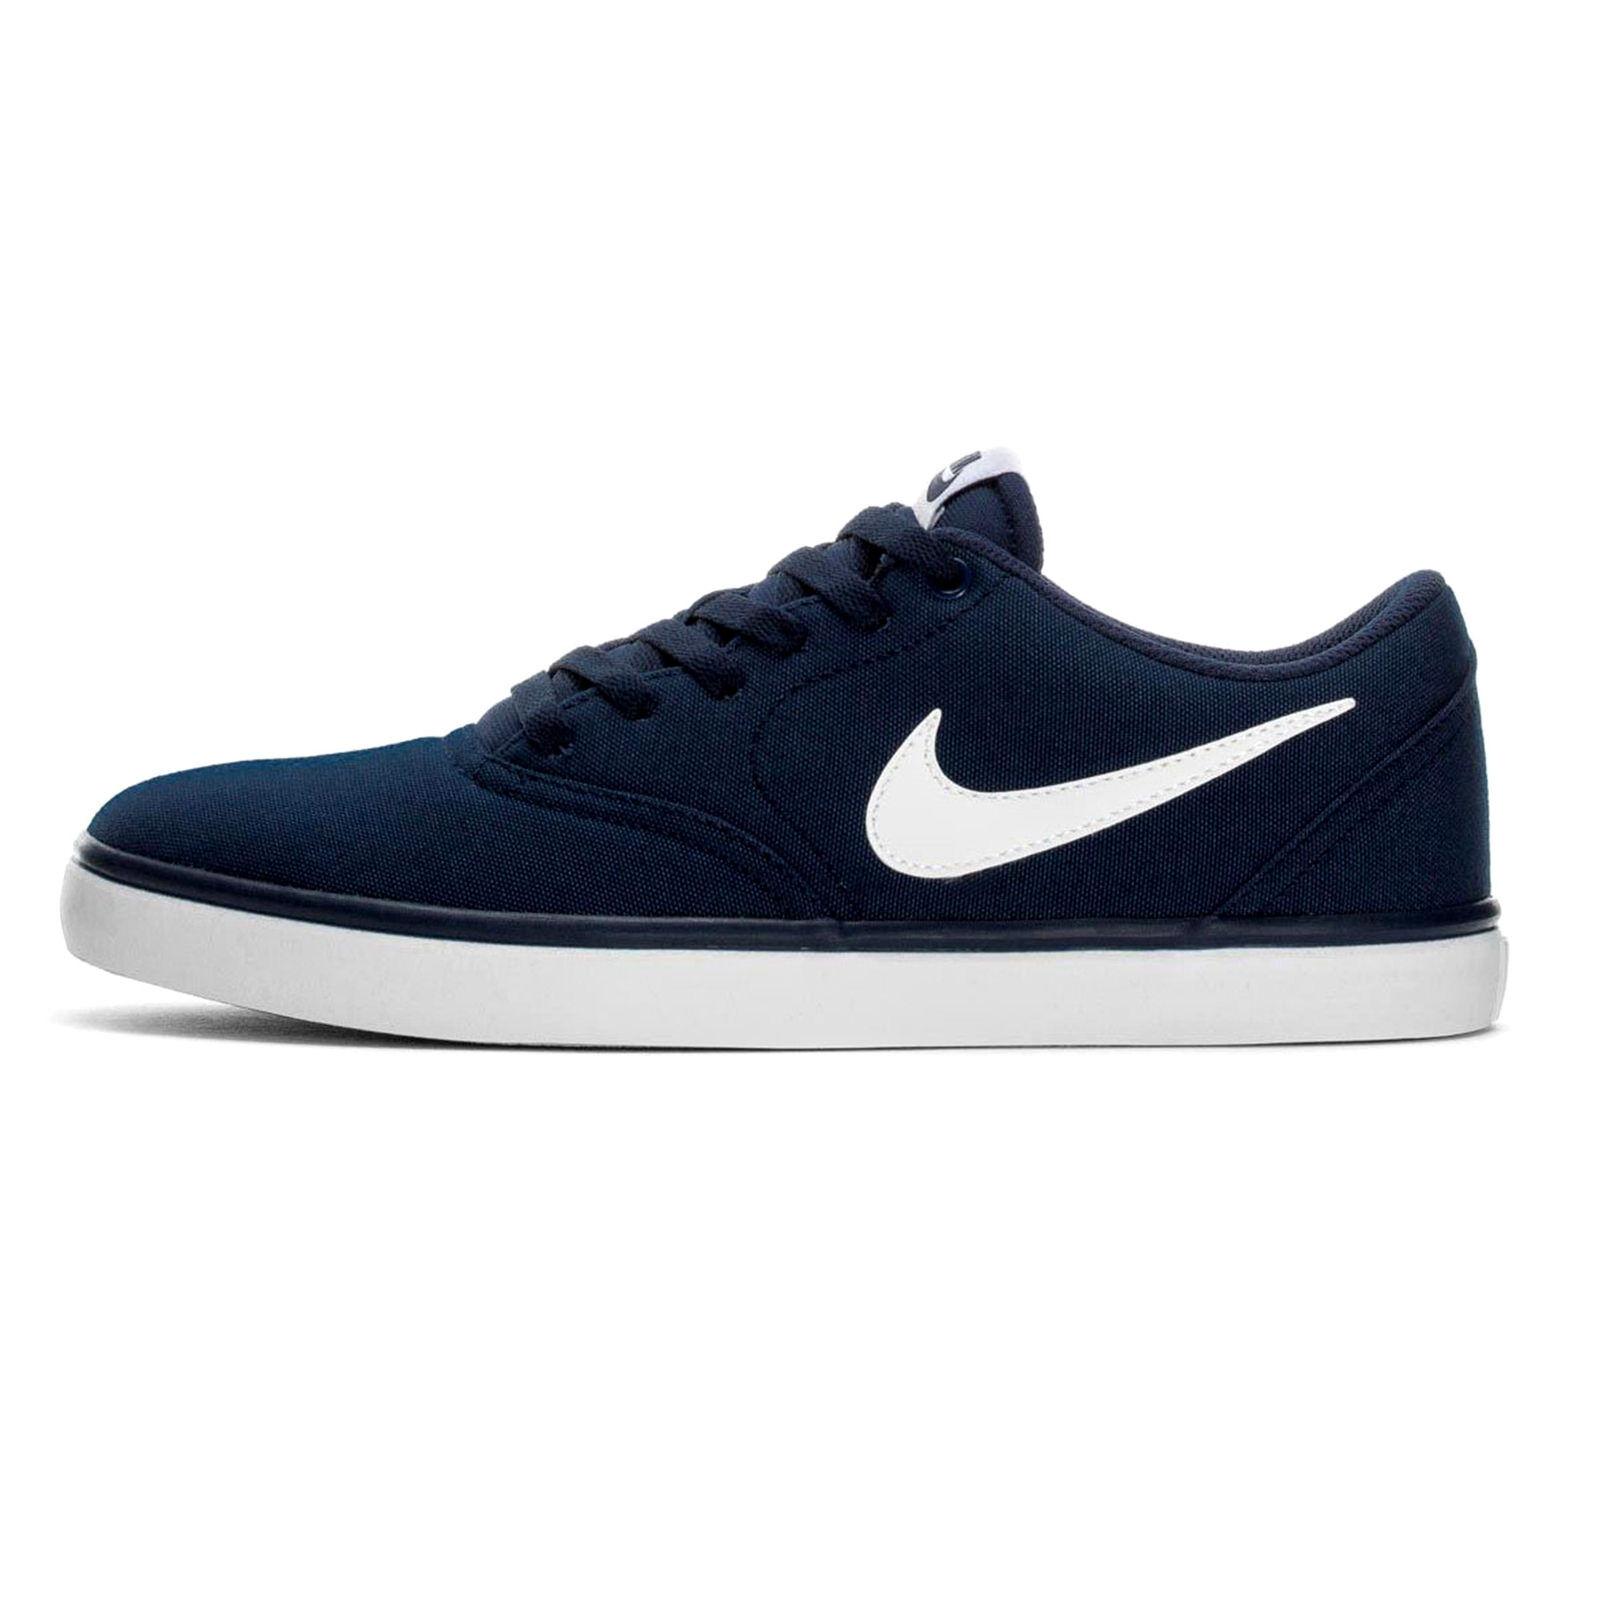 Nike sb Deporte Check solar CNVs 843896patinar ocio Deporte sb skate zapato cortos a38763